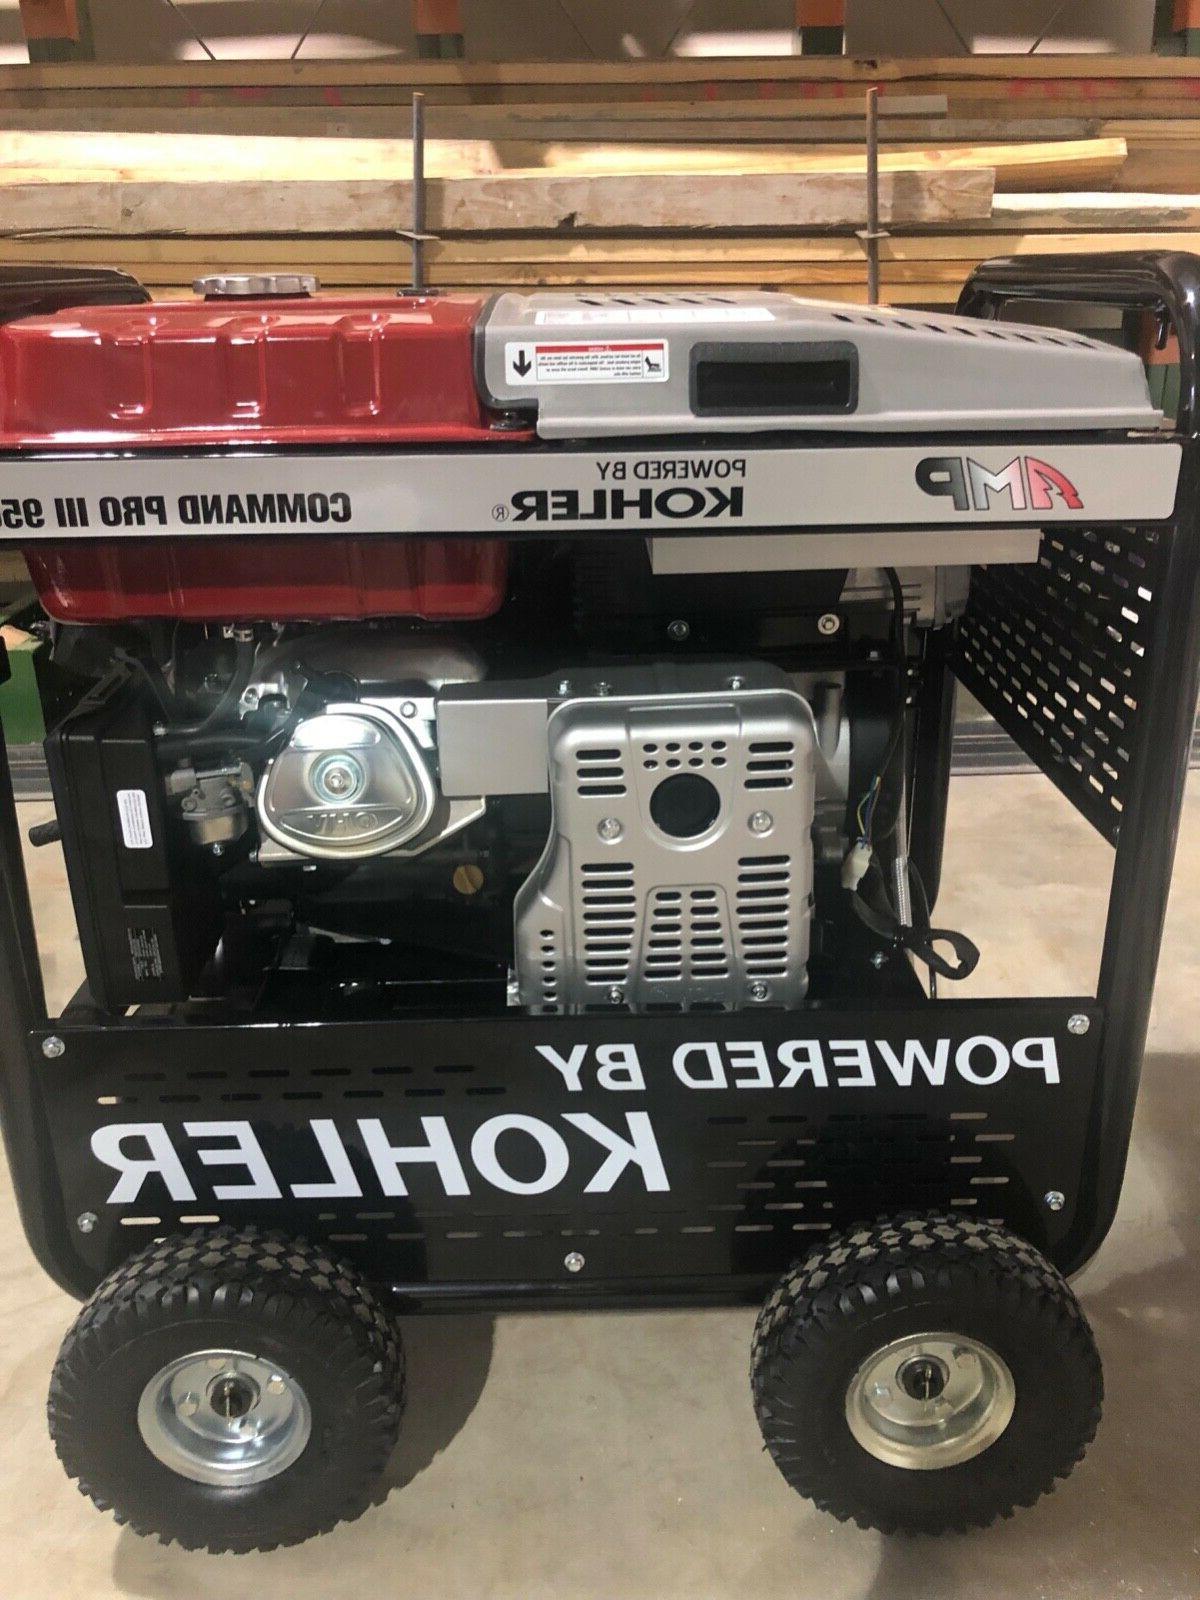 command pro iii 9500 compressor generator welder